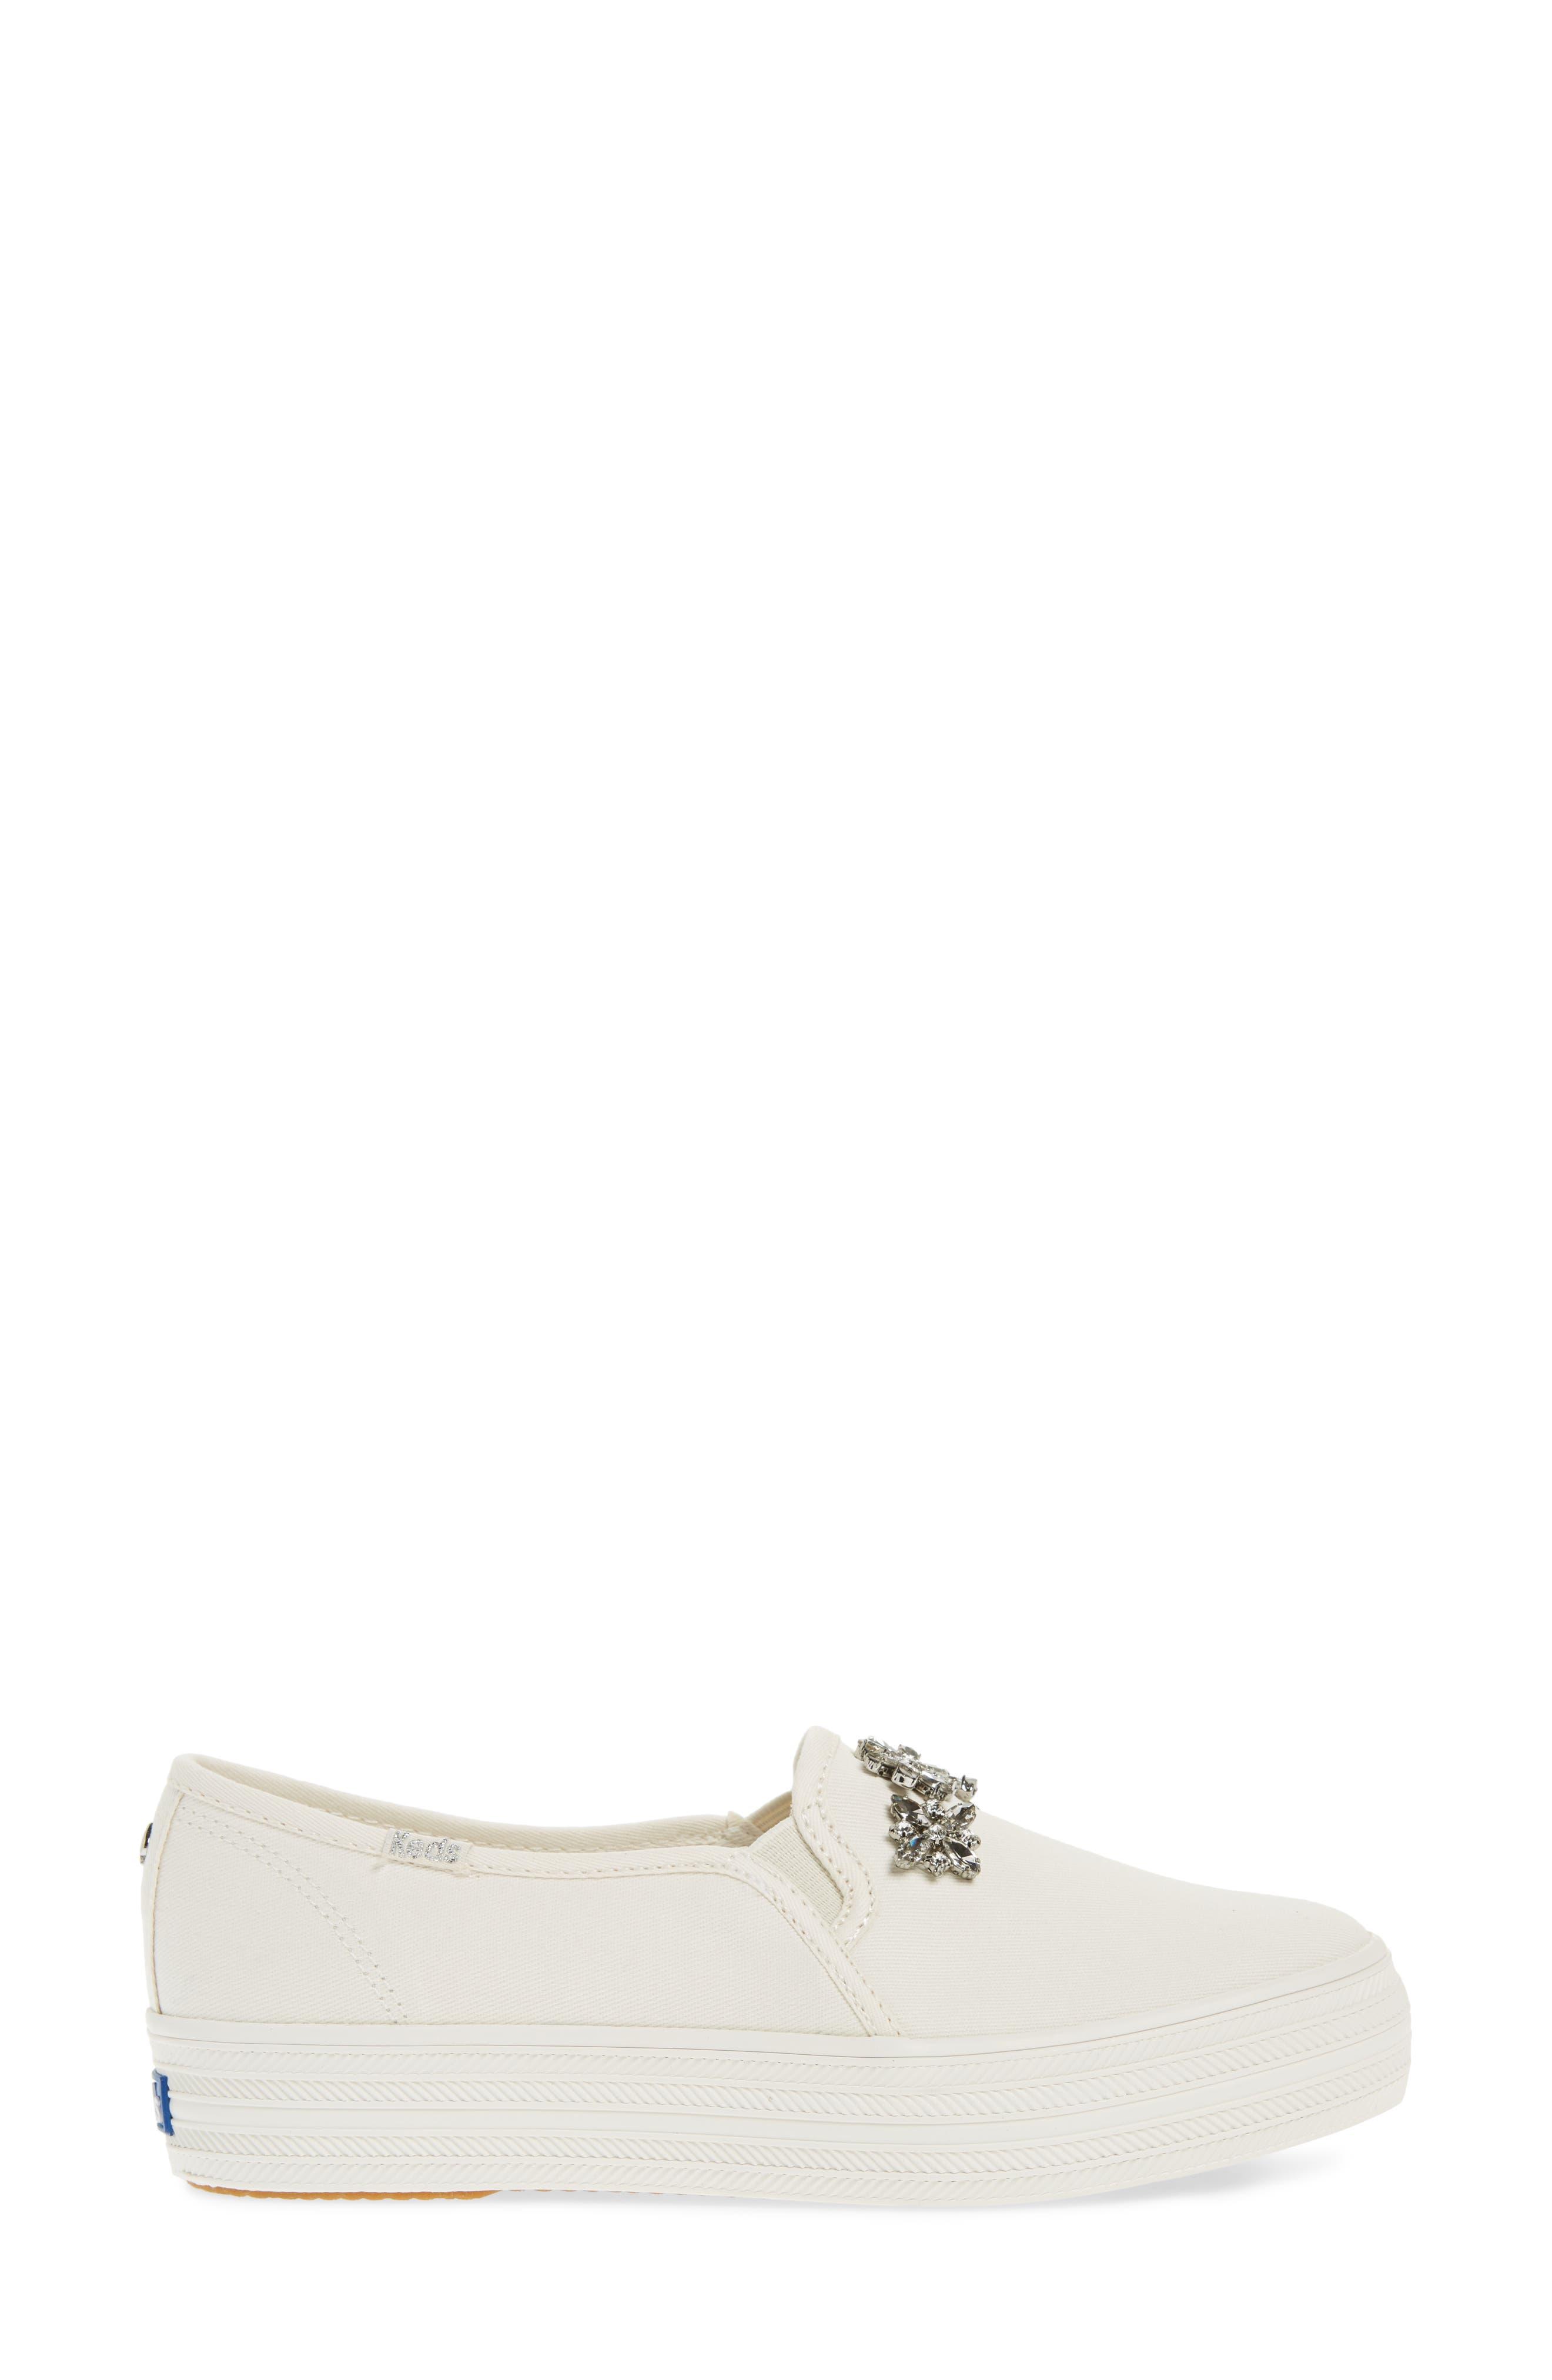 Alternate Image 3  - Keds® for kate spade new york triple decker stones slip-on sneaker (Women)